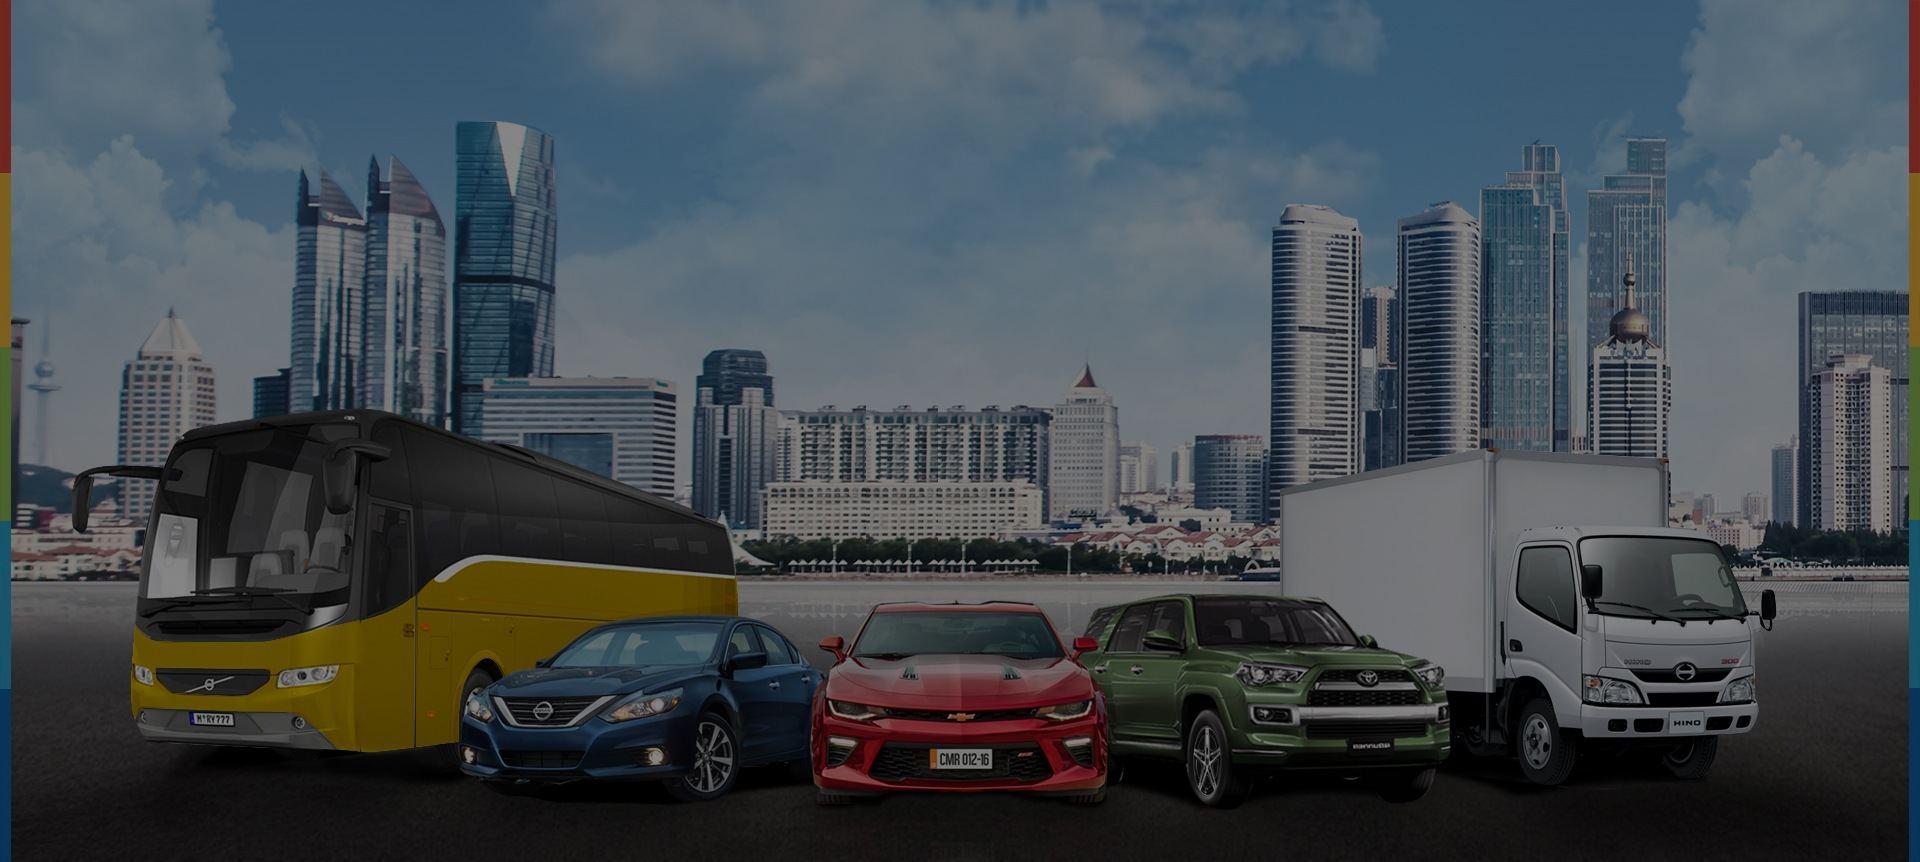 Encuentra Sedan, Compactos/Hatchback,Camionetas/SUV, Camiones, Apartamentos, Casas, Terrenos y mucho más en MicasaMicarro Guatemala